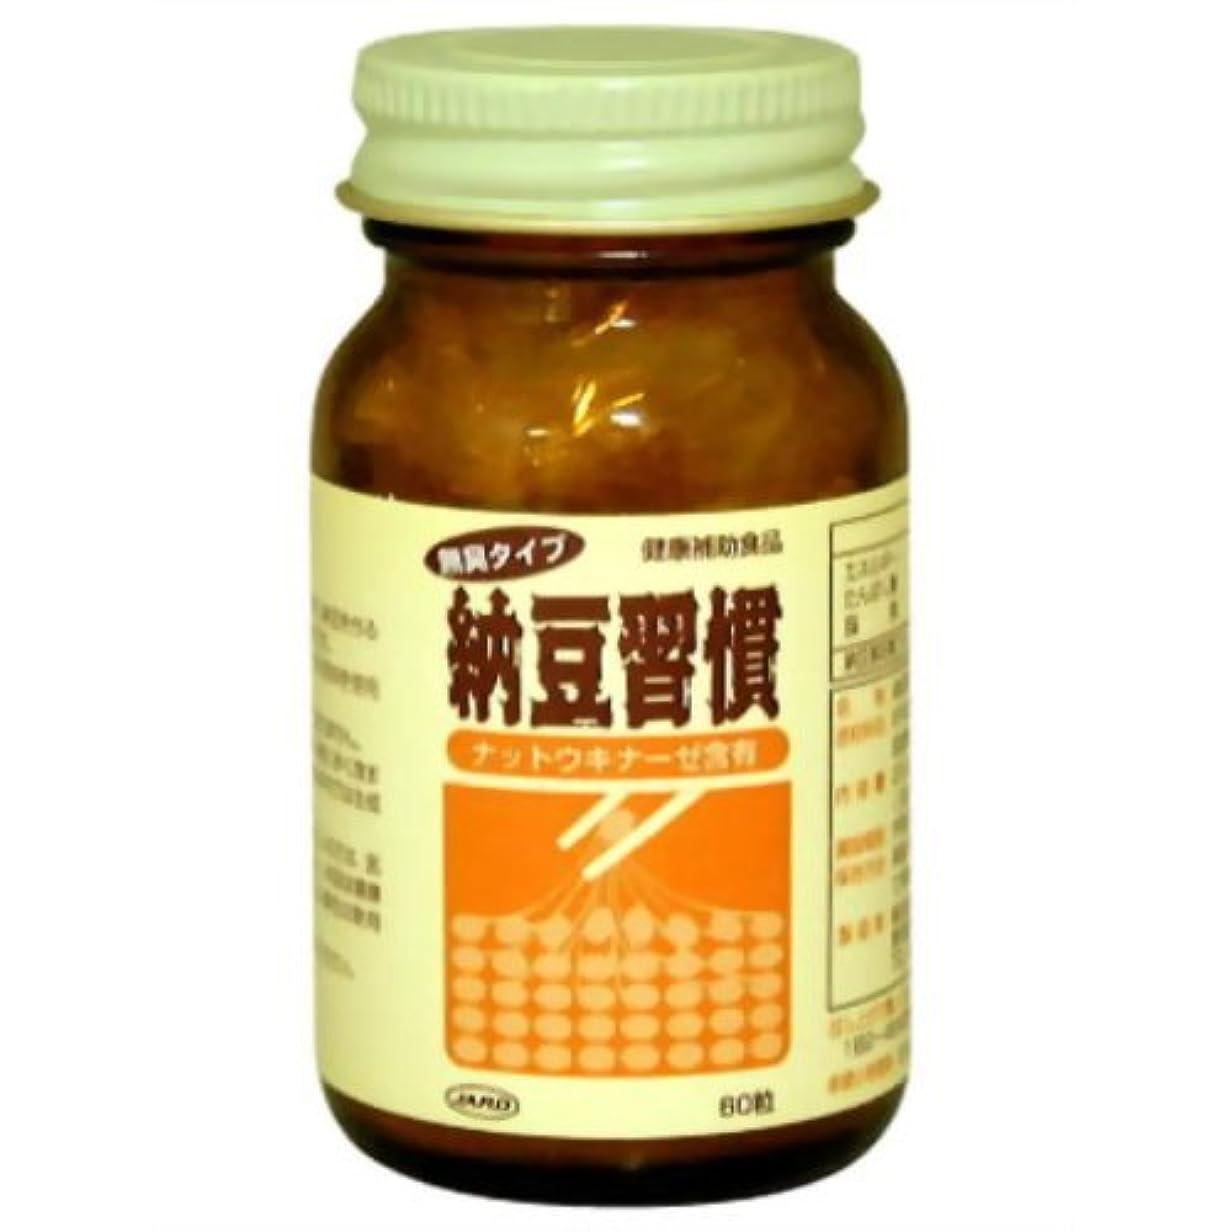 言い直すフェデレーション回答納豆習慣 ナットウキナーゼ含有